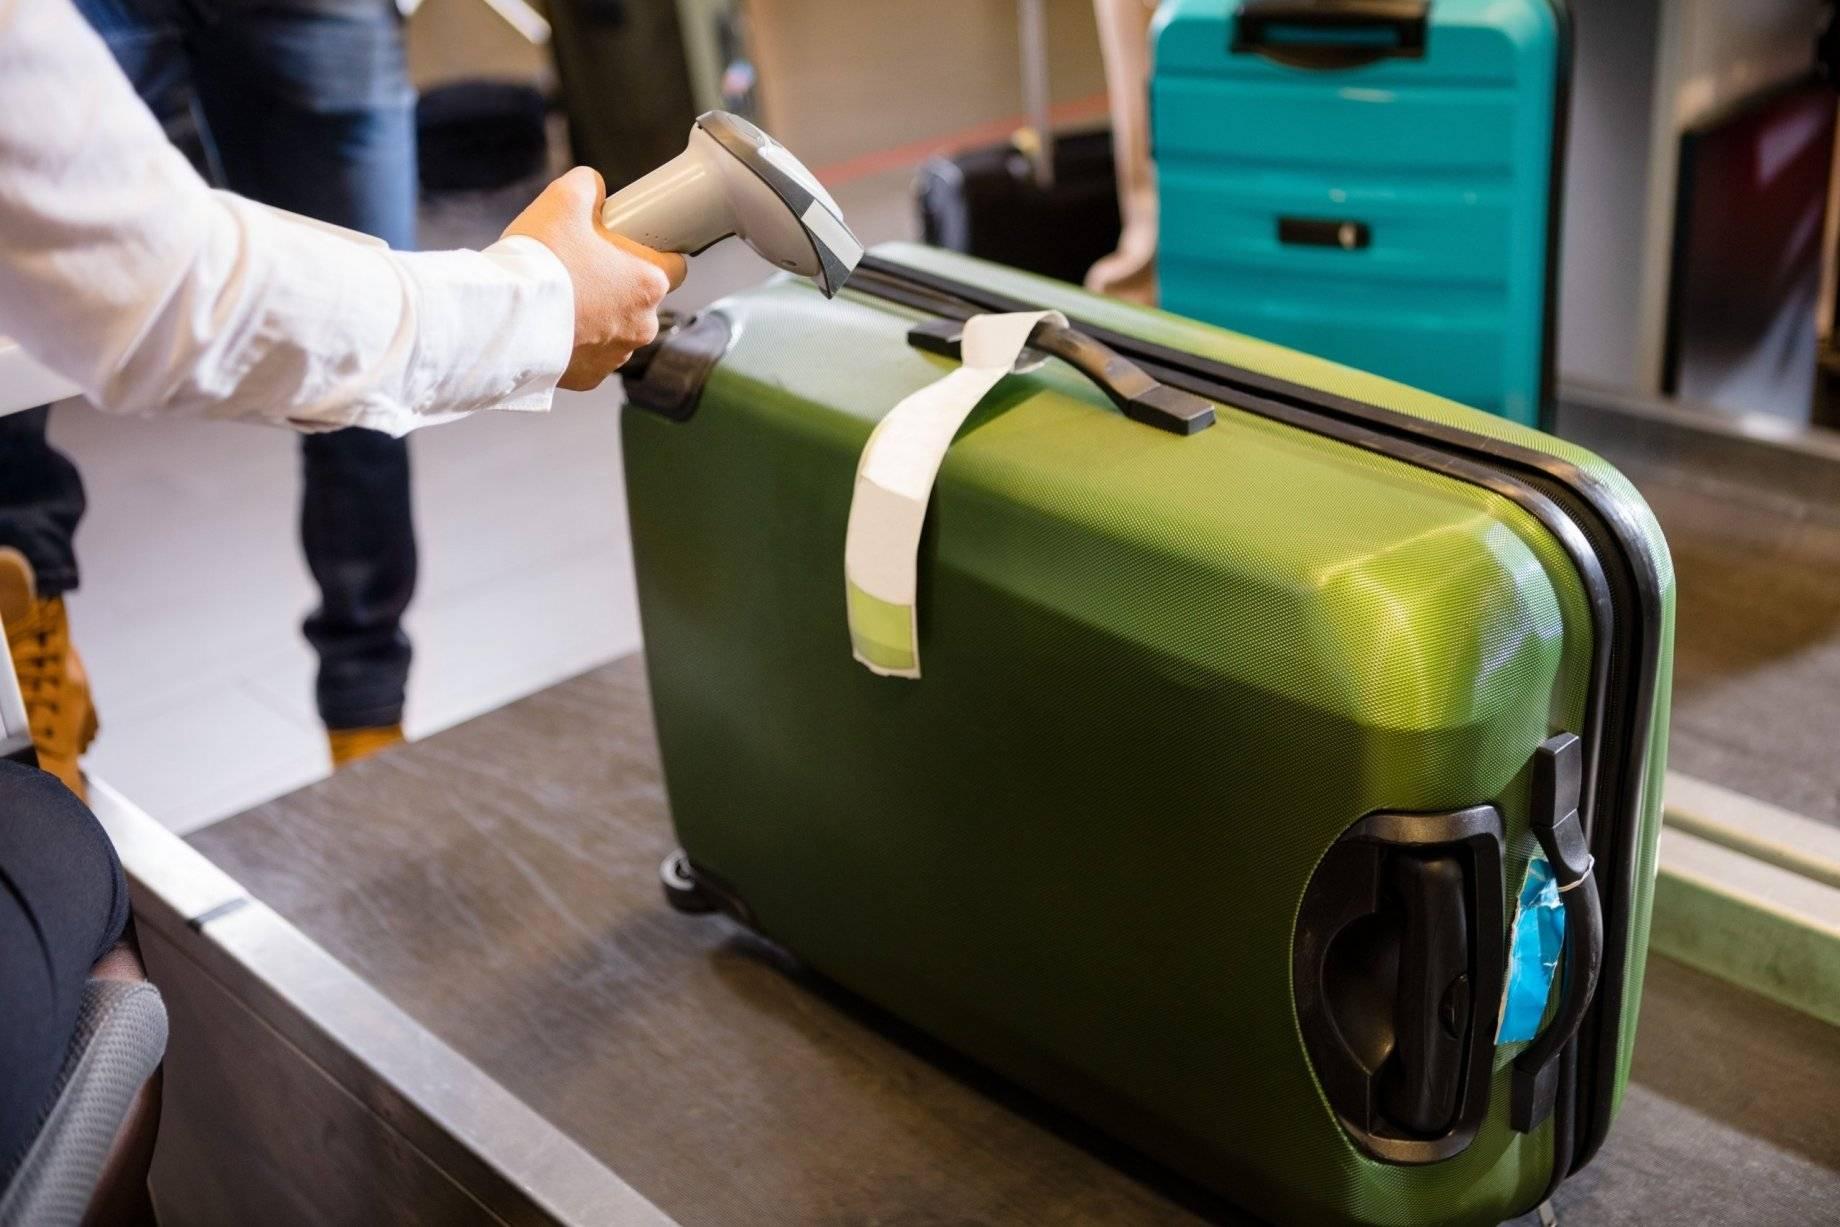 Можно ли брать вейп в самолете: правила перевозки электронных сигарет в 2021 году